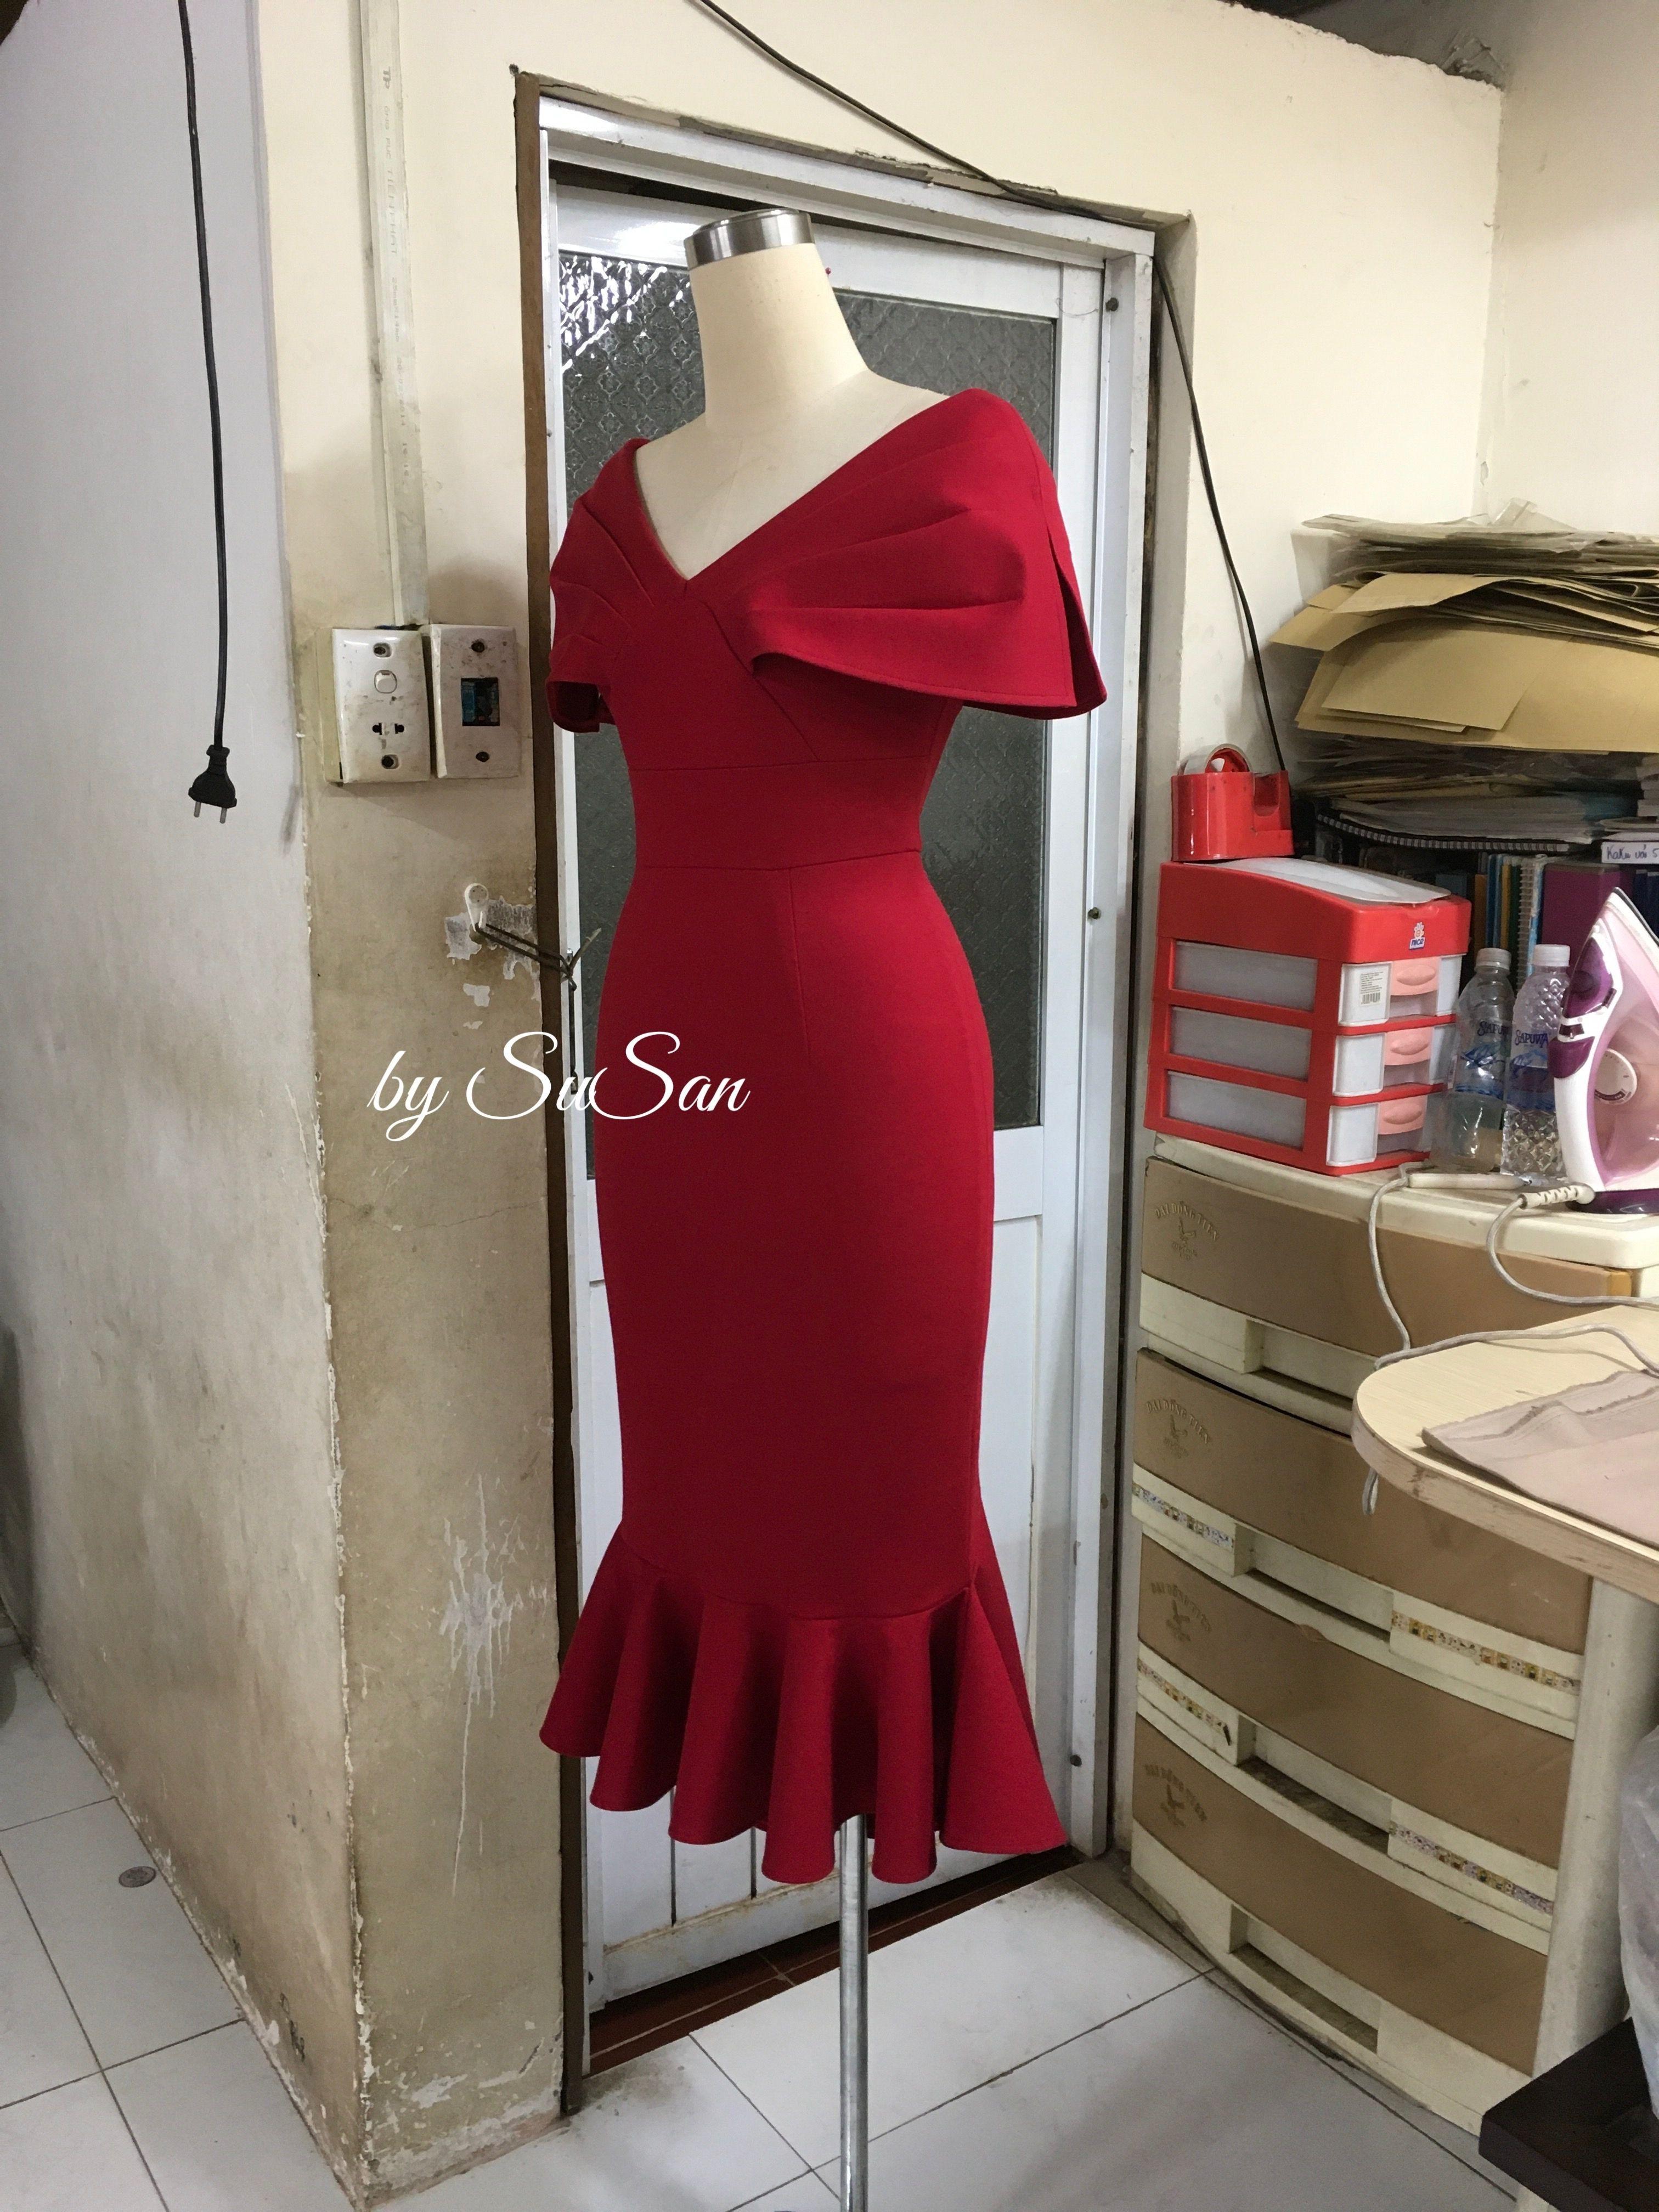 Pin Von Sonya Mursalova Auf Vintage Patterns Kleider Modestil Verkleidung